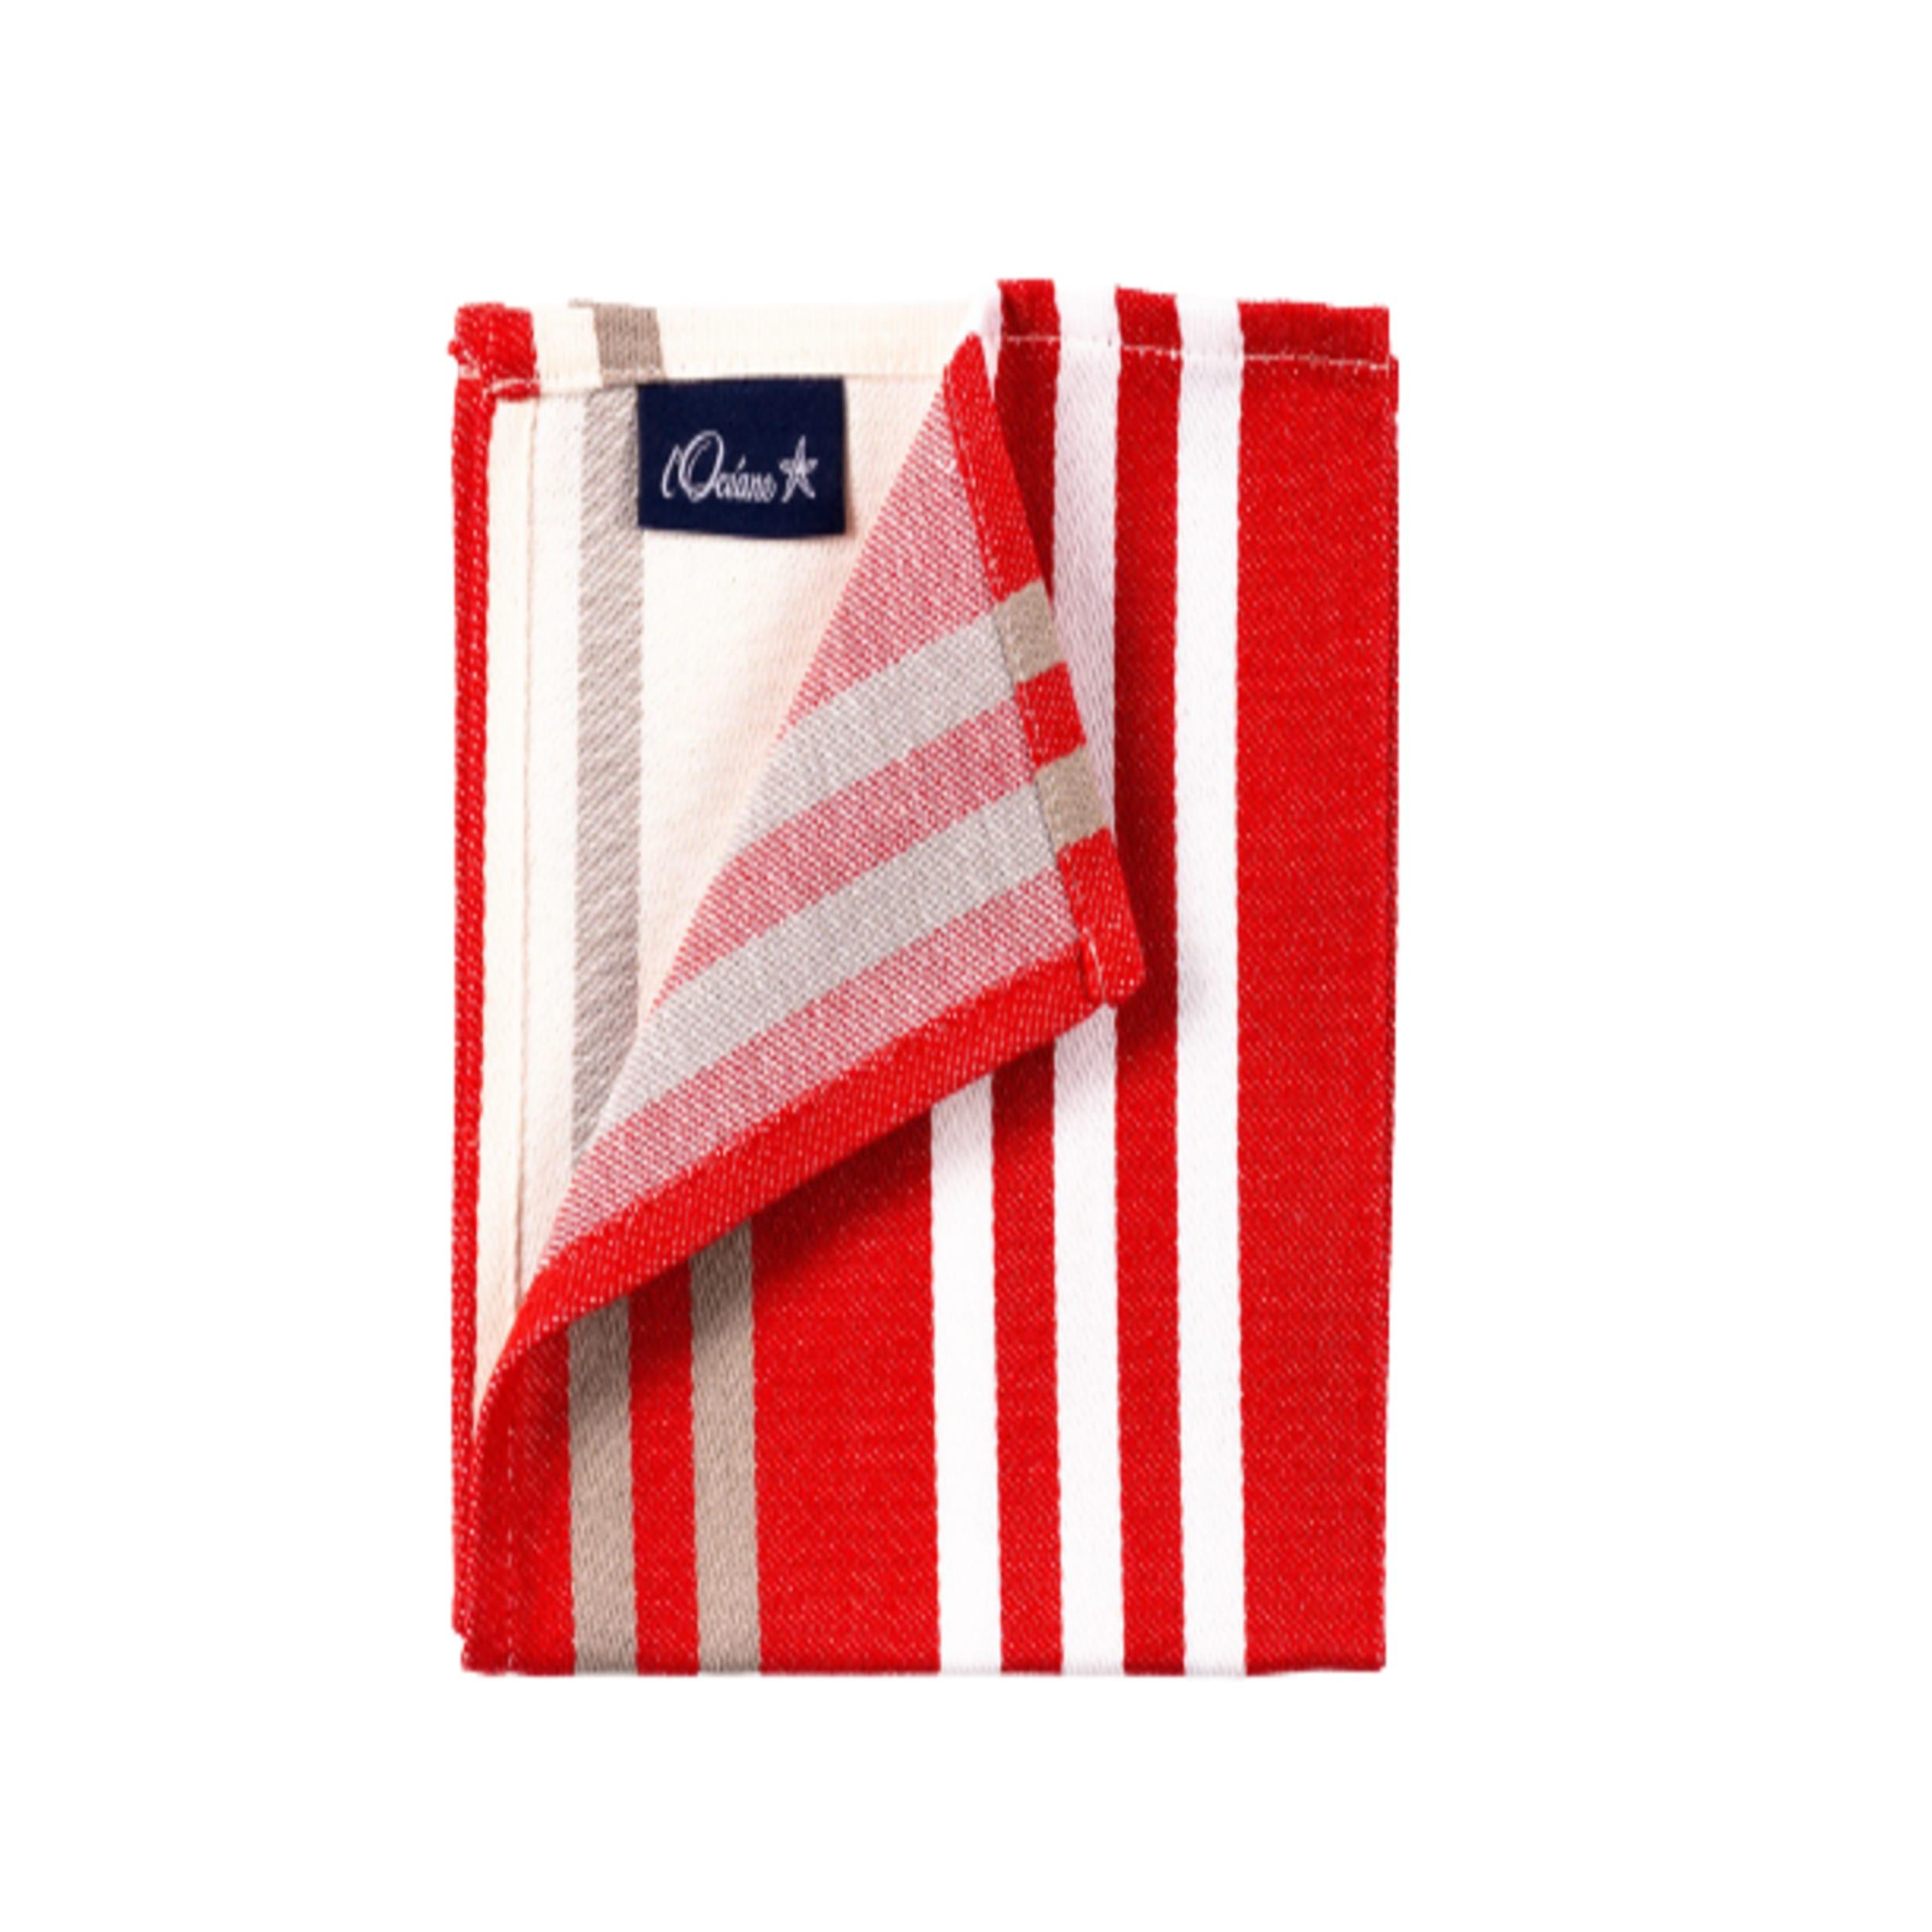 1 lot de 6 serviettes de table 100% coton de satin rouge 50 x 50 cm